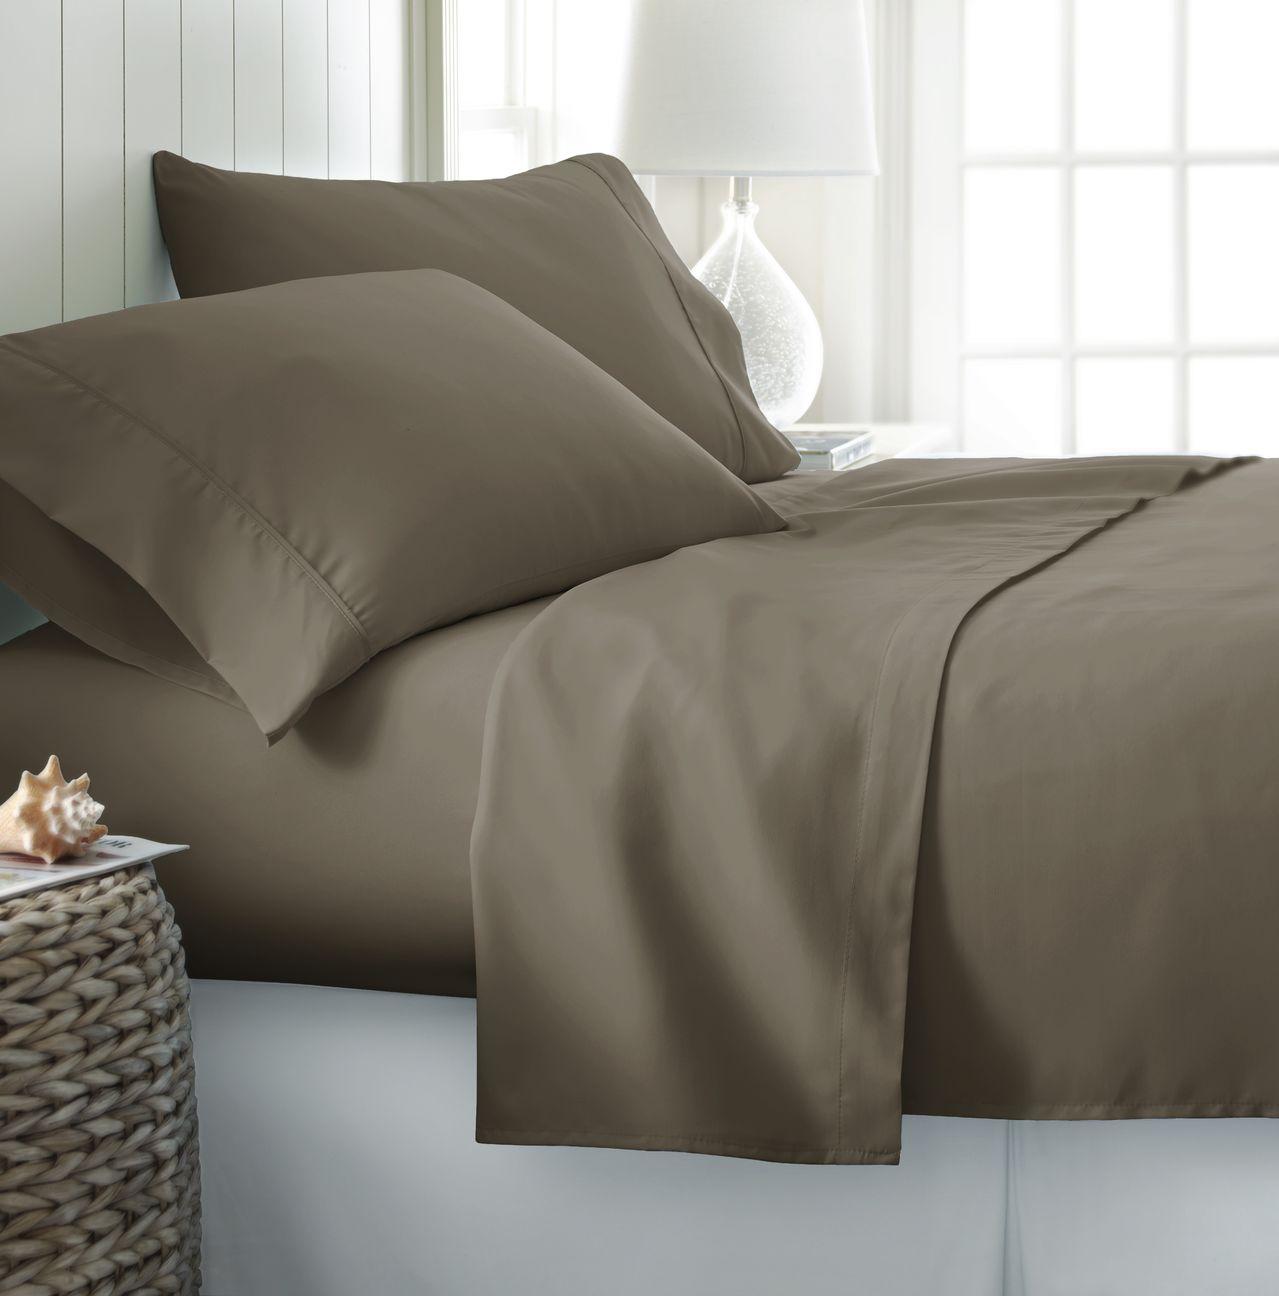 Home Collection Deep Pocket 100% Soft Brushed Microfiber Bedsheets 2911427